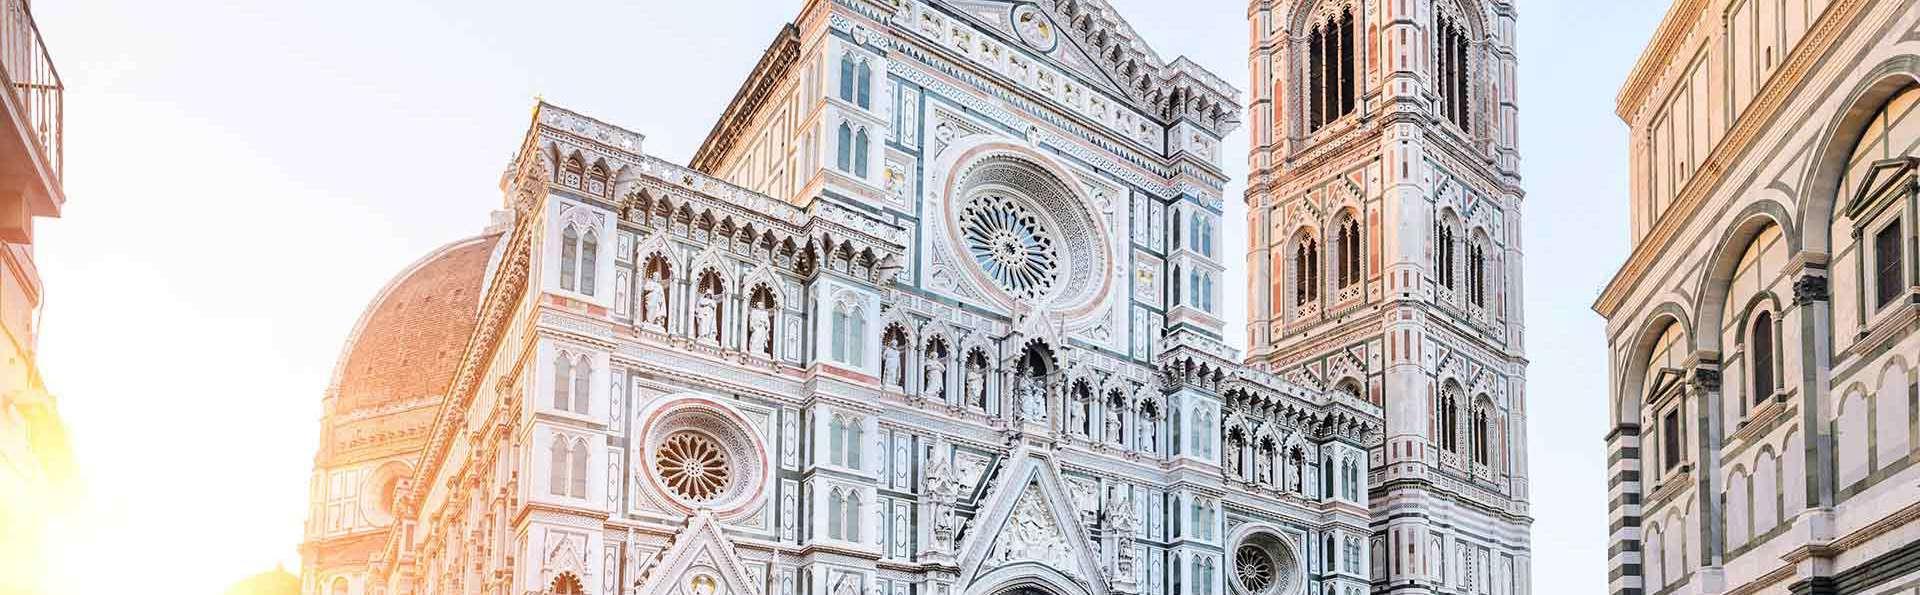 Séjour à Florence avec visite guidée du Duomo et de la coupole de Brunelleschi (à partir de 3 nuits)